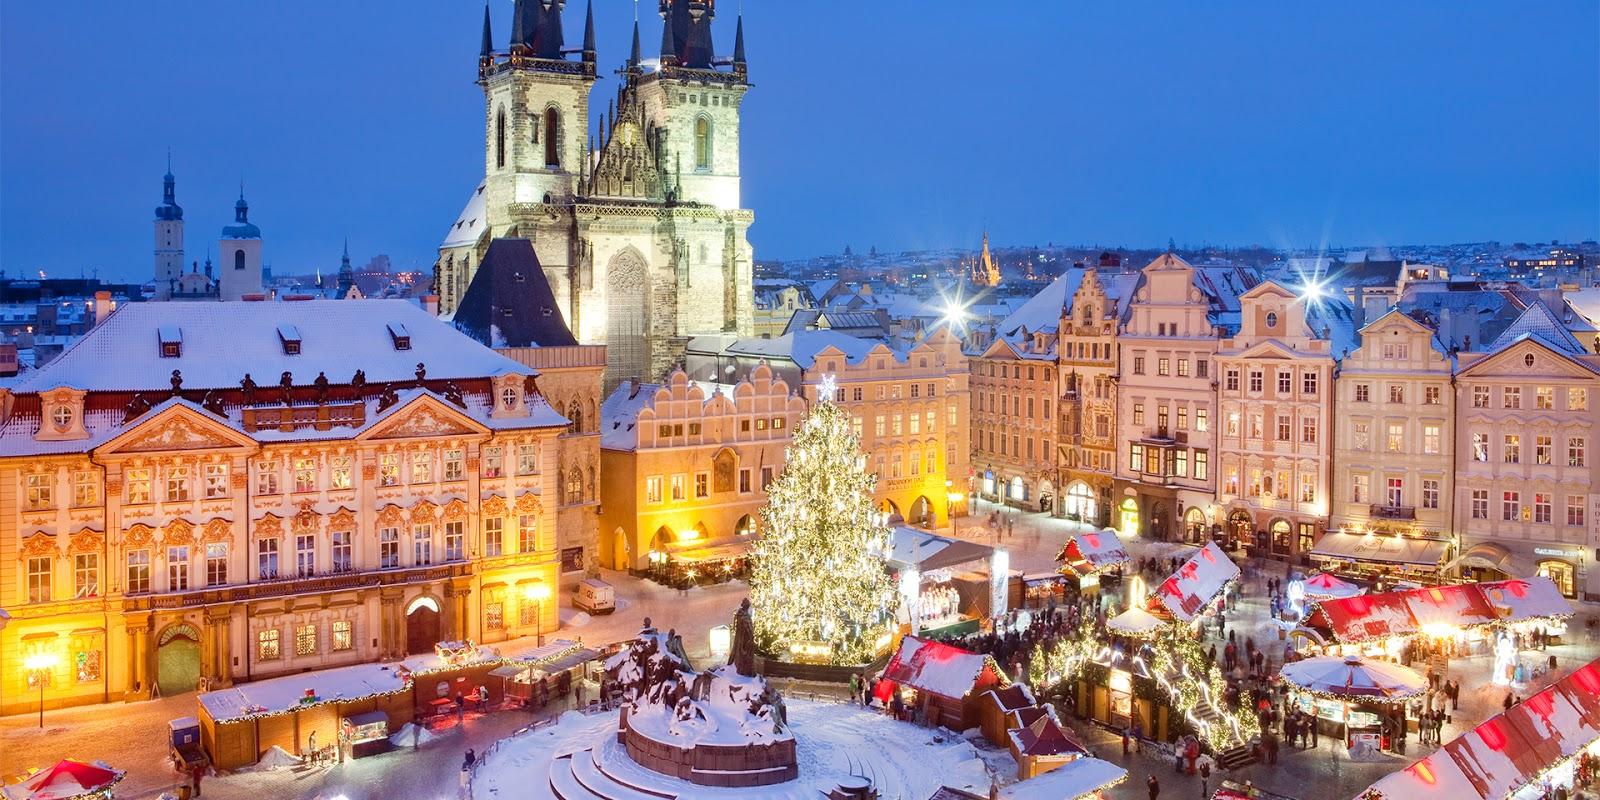 prague-czech-republic-christmas-market